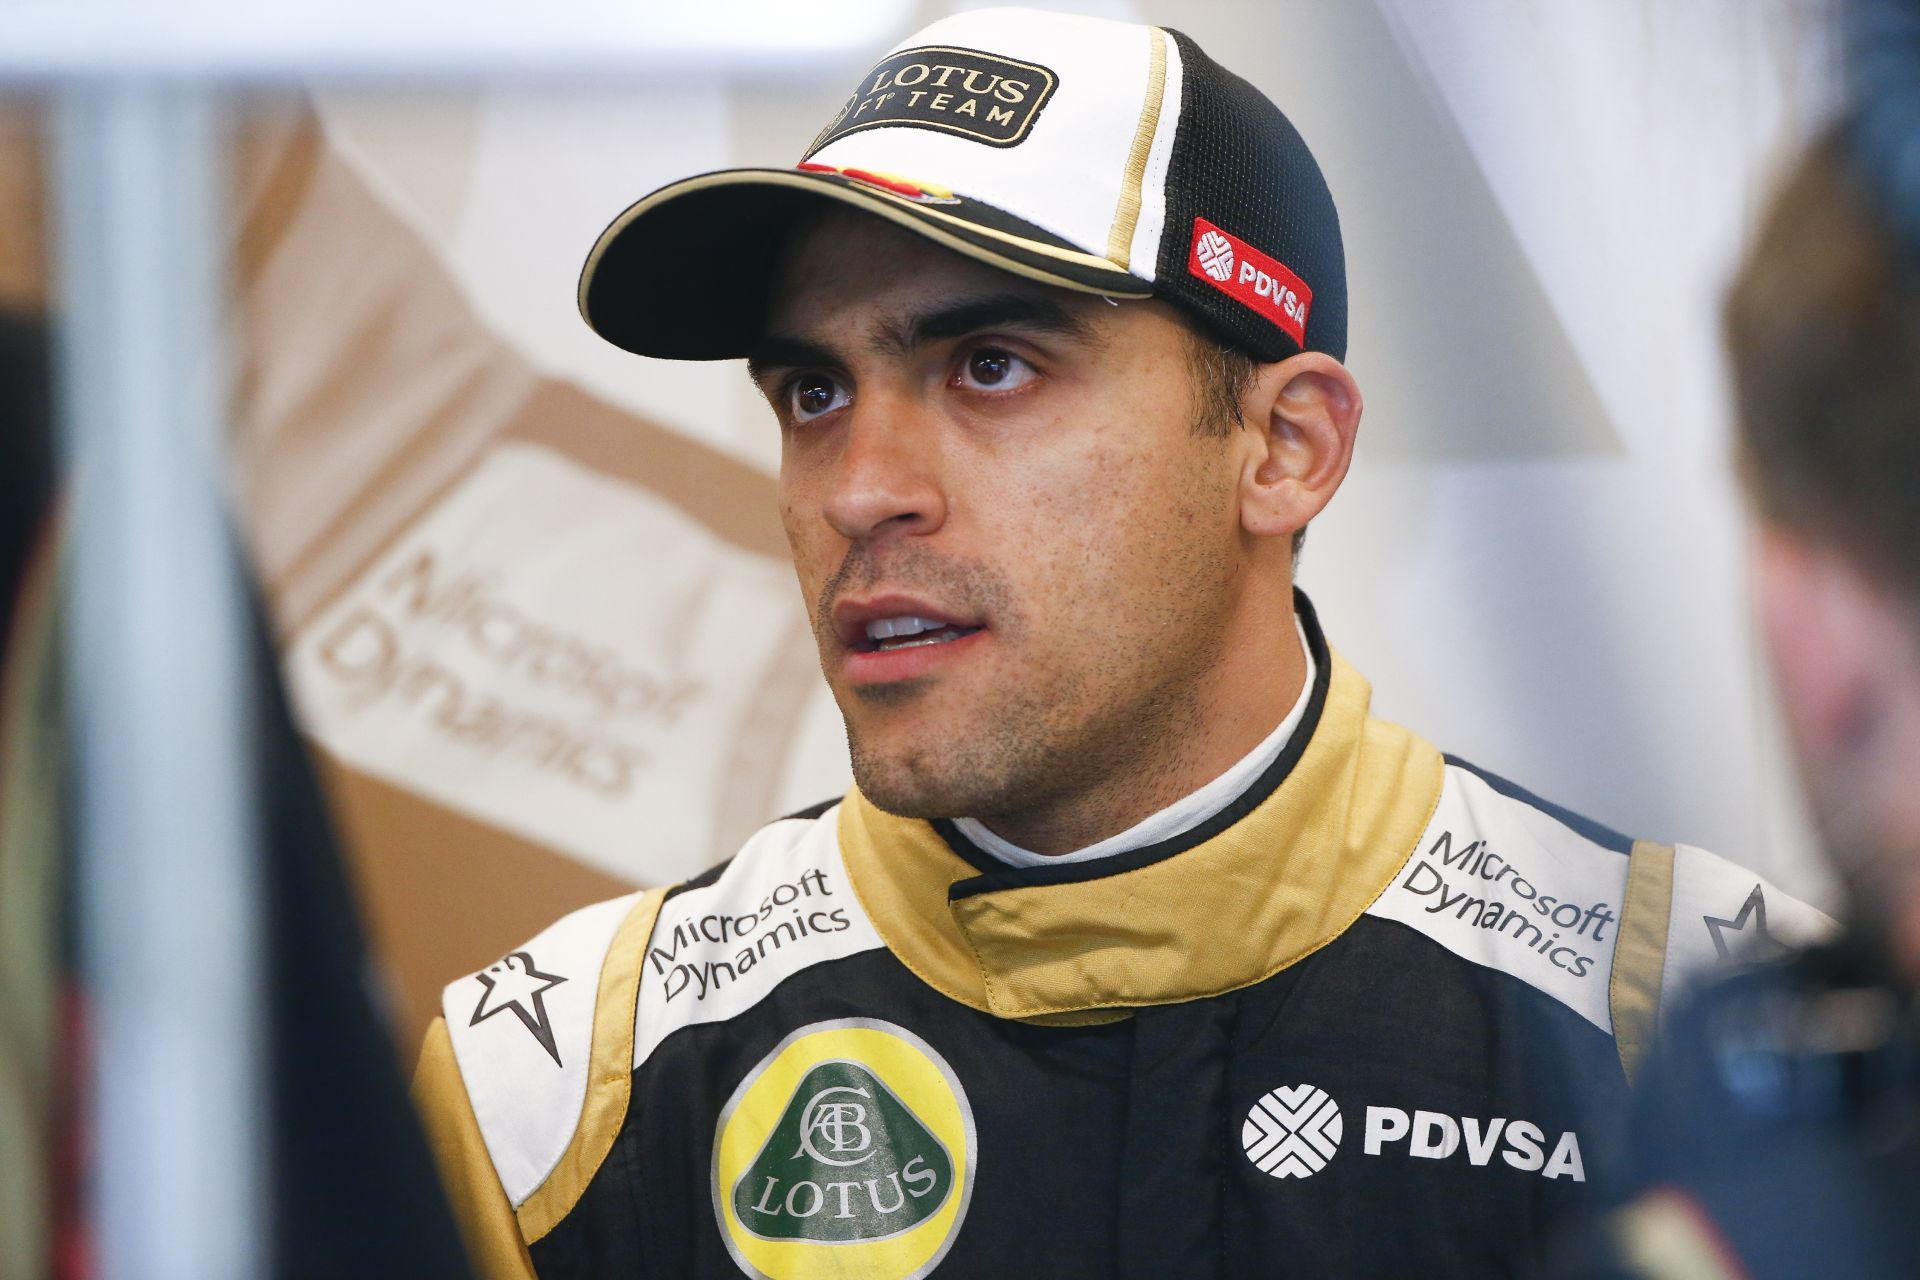 Állítólagos gyárlátogatás: Magnussen még idén válthatja Maldonadot a Renault-nál?